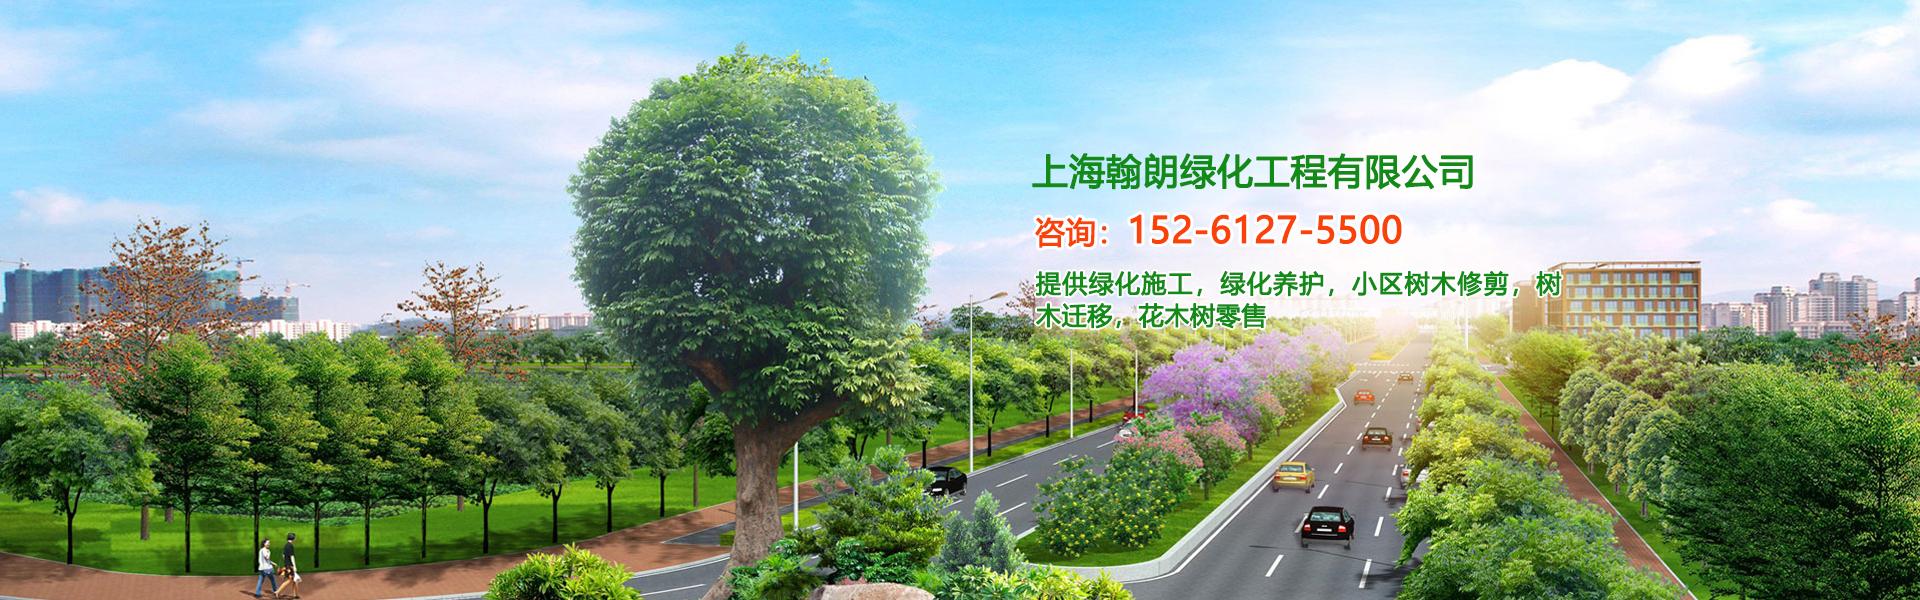 上海绿化施工